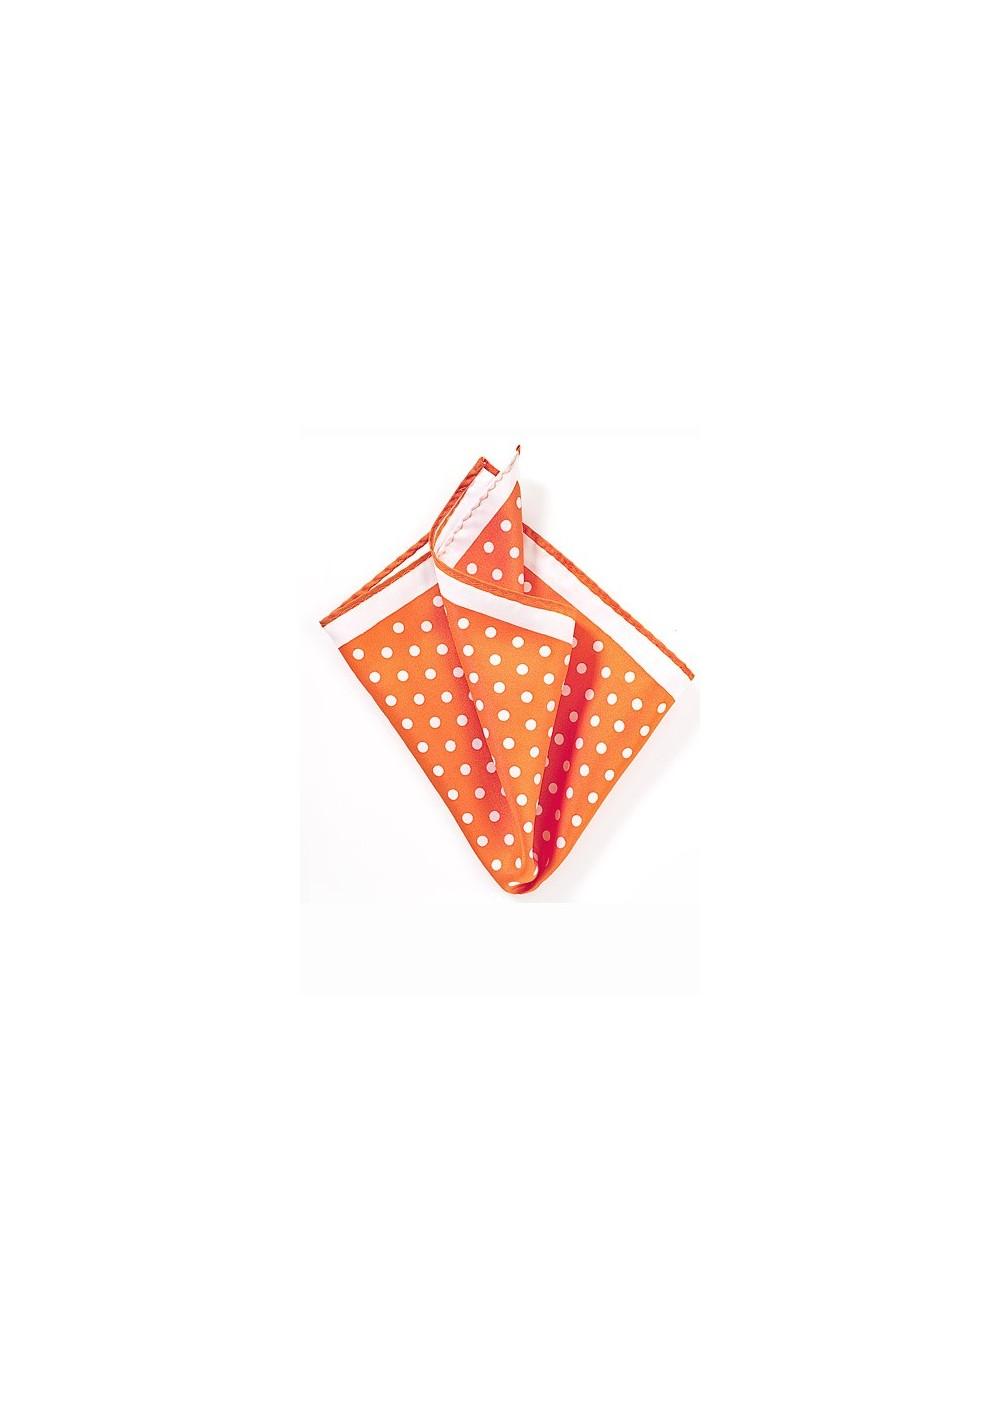 Bright Orange Polka Dot Hanky